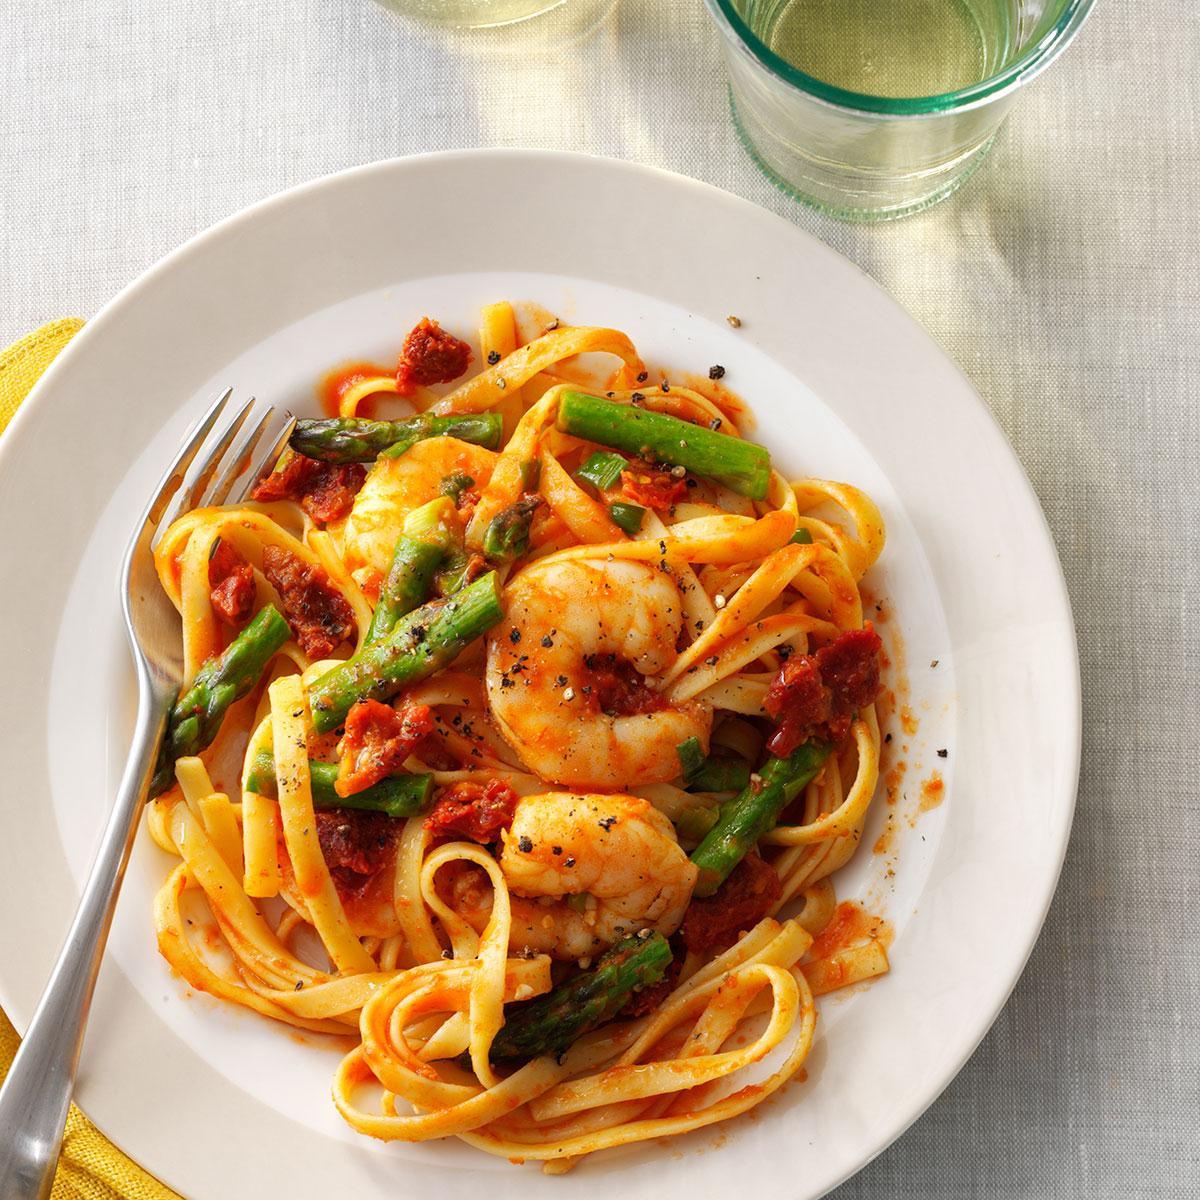 Shrimp Recipes With Pasta  Mediterranean Shrimp n Pasta Recipe